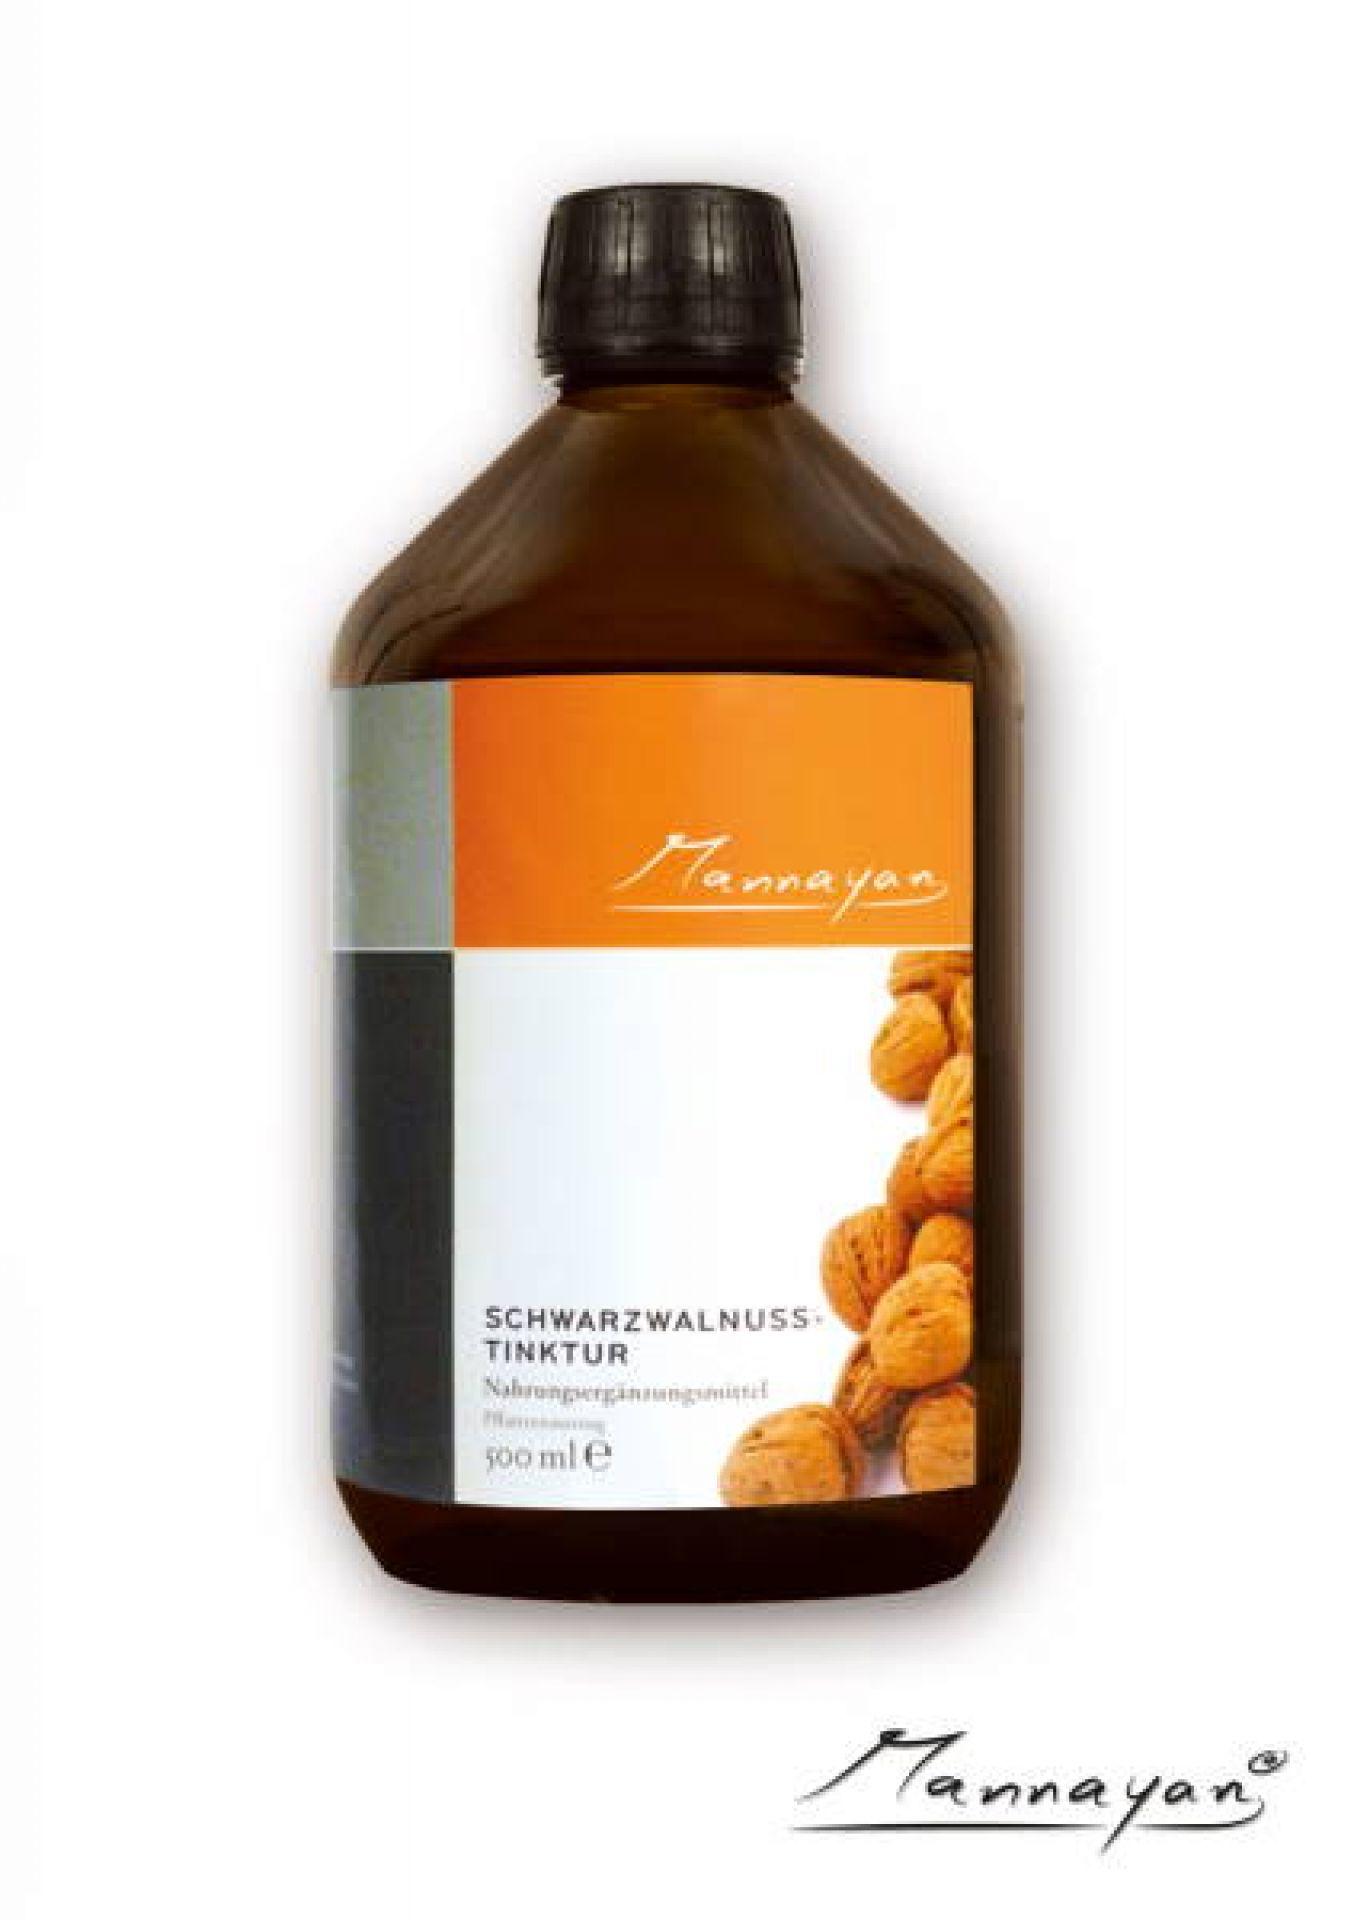 Mannayan Schwarzwalnuss (Tinktur) 500 ml